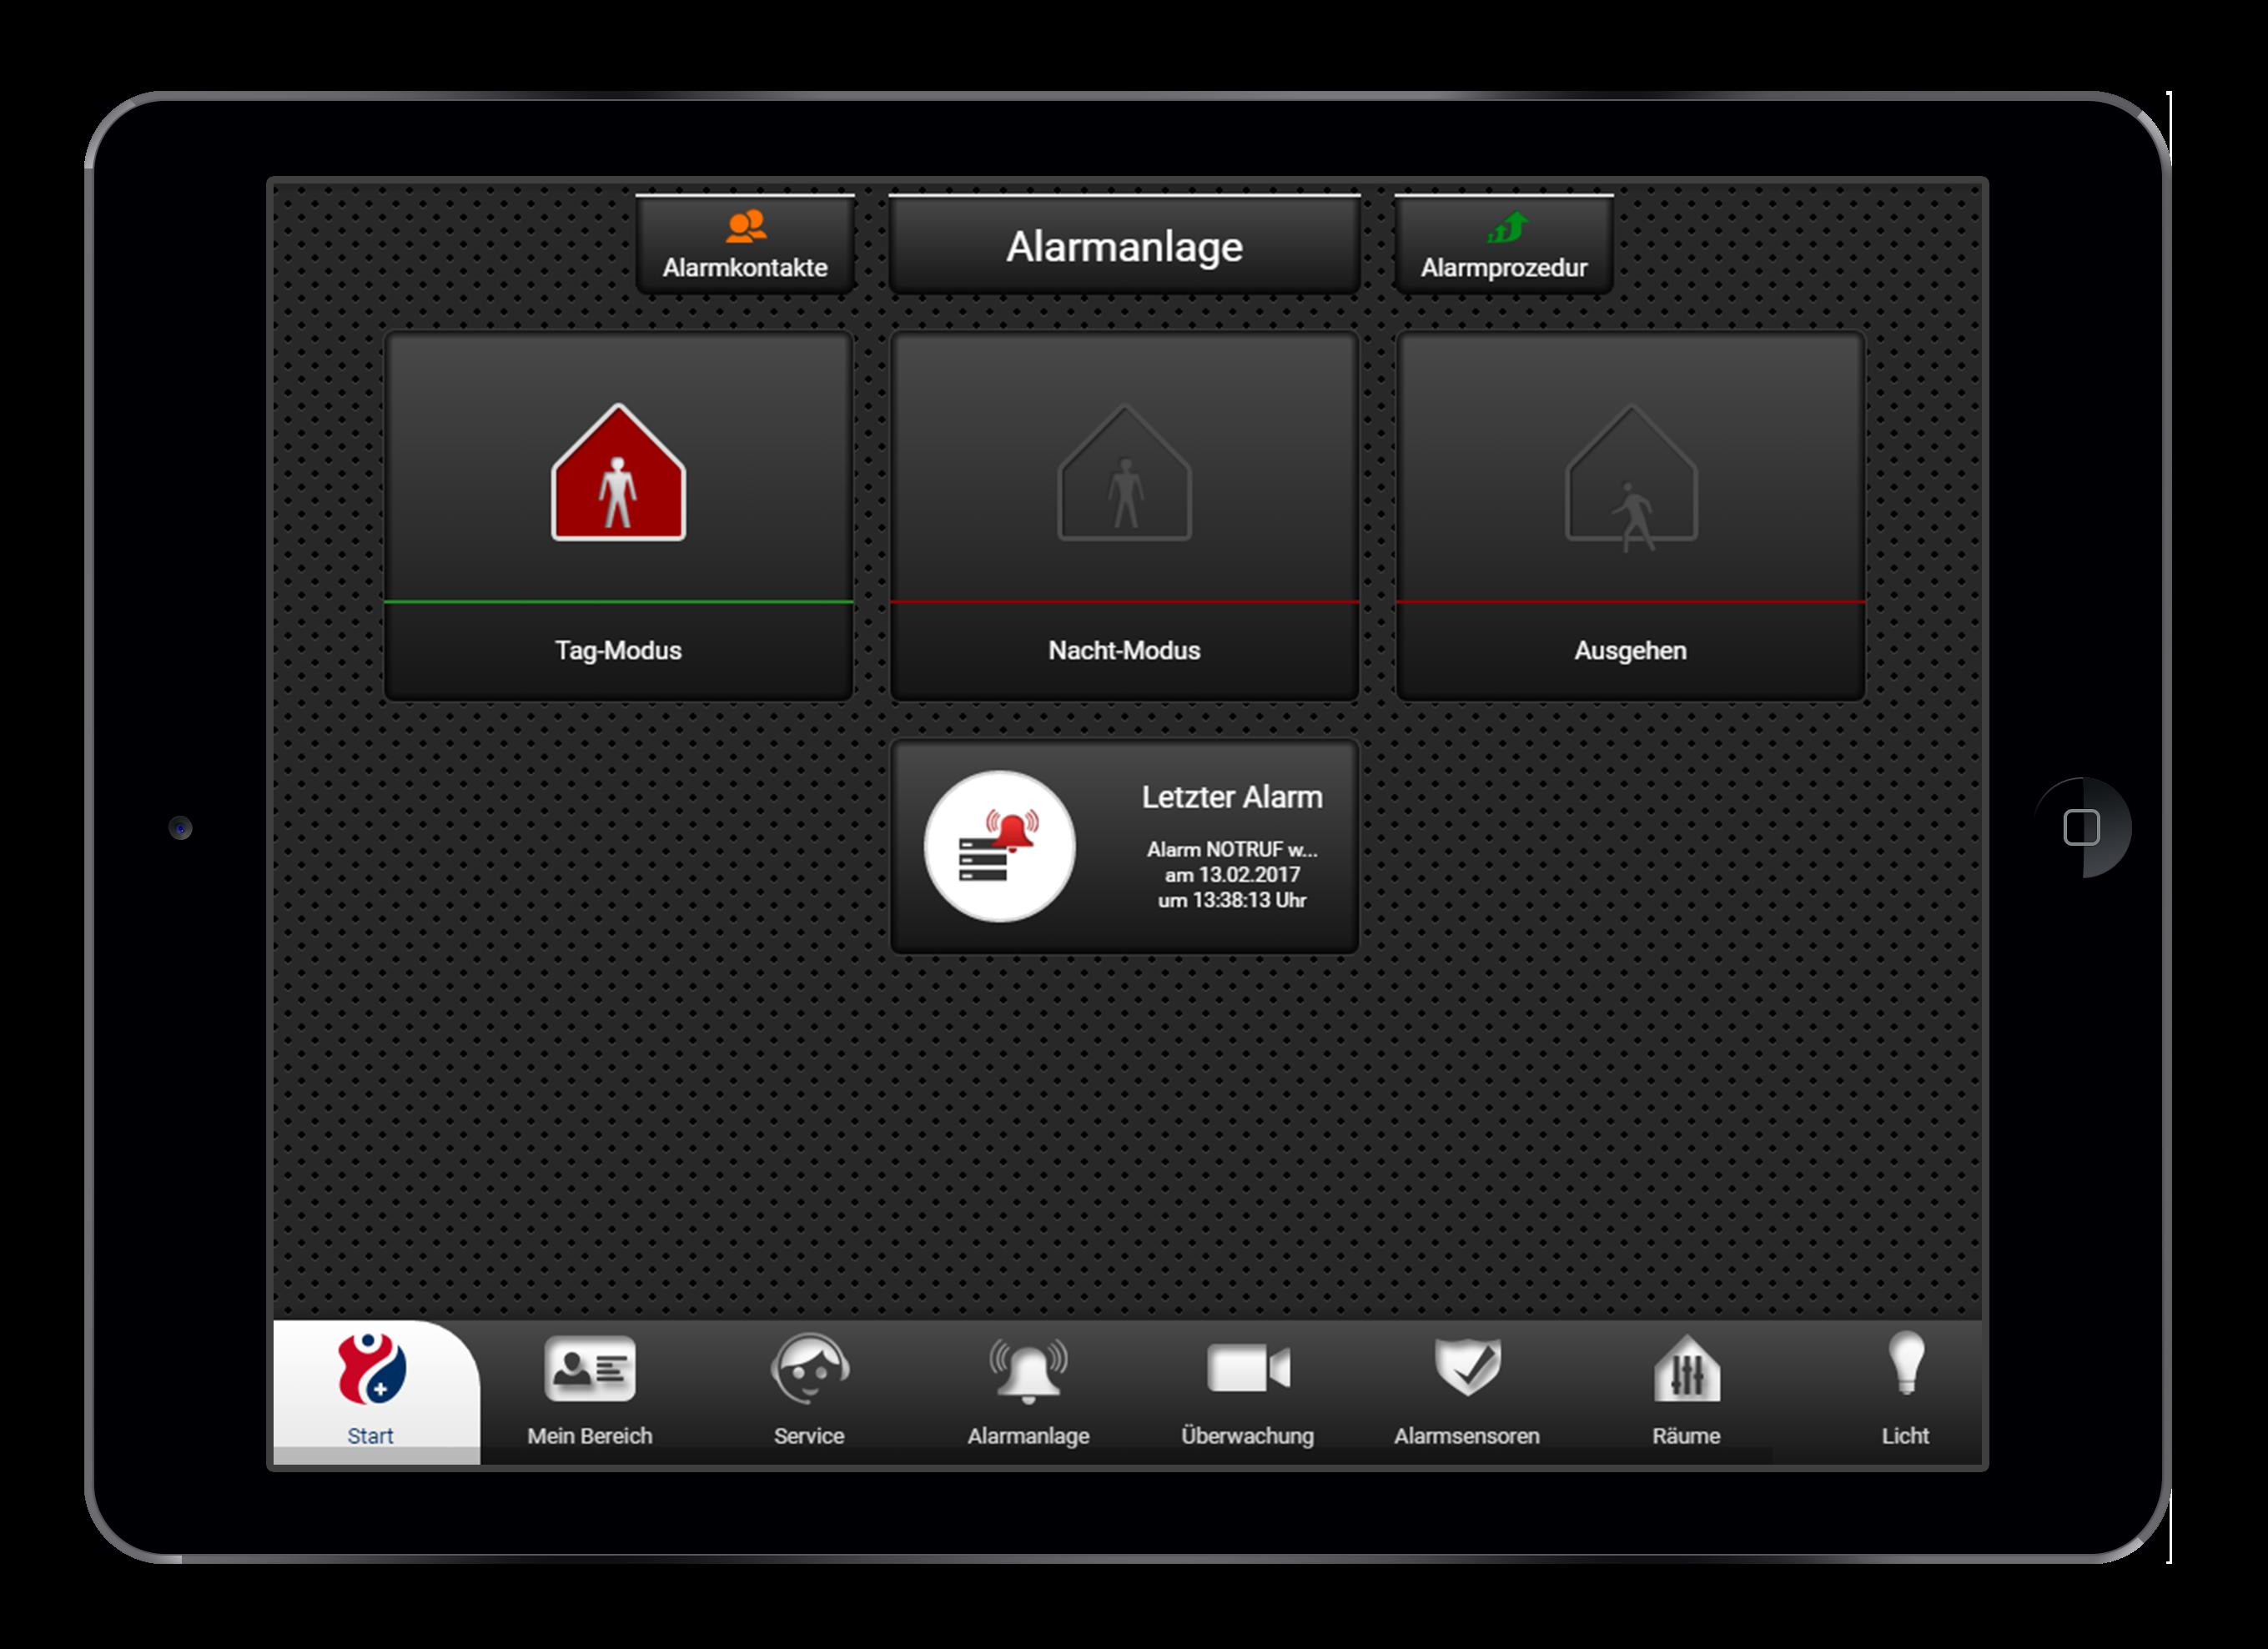 Design und Entwicklung Alarmanlage in Smarthome App